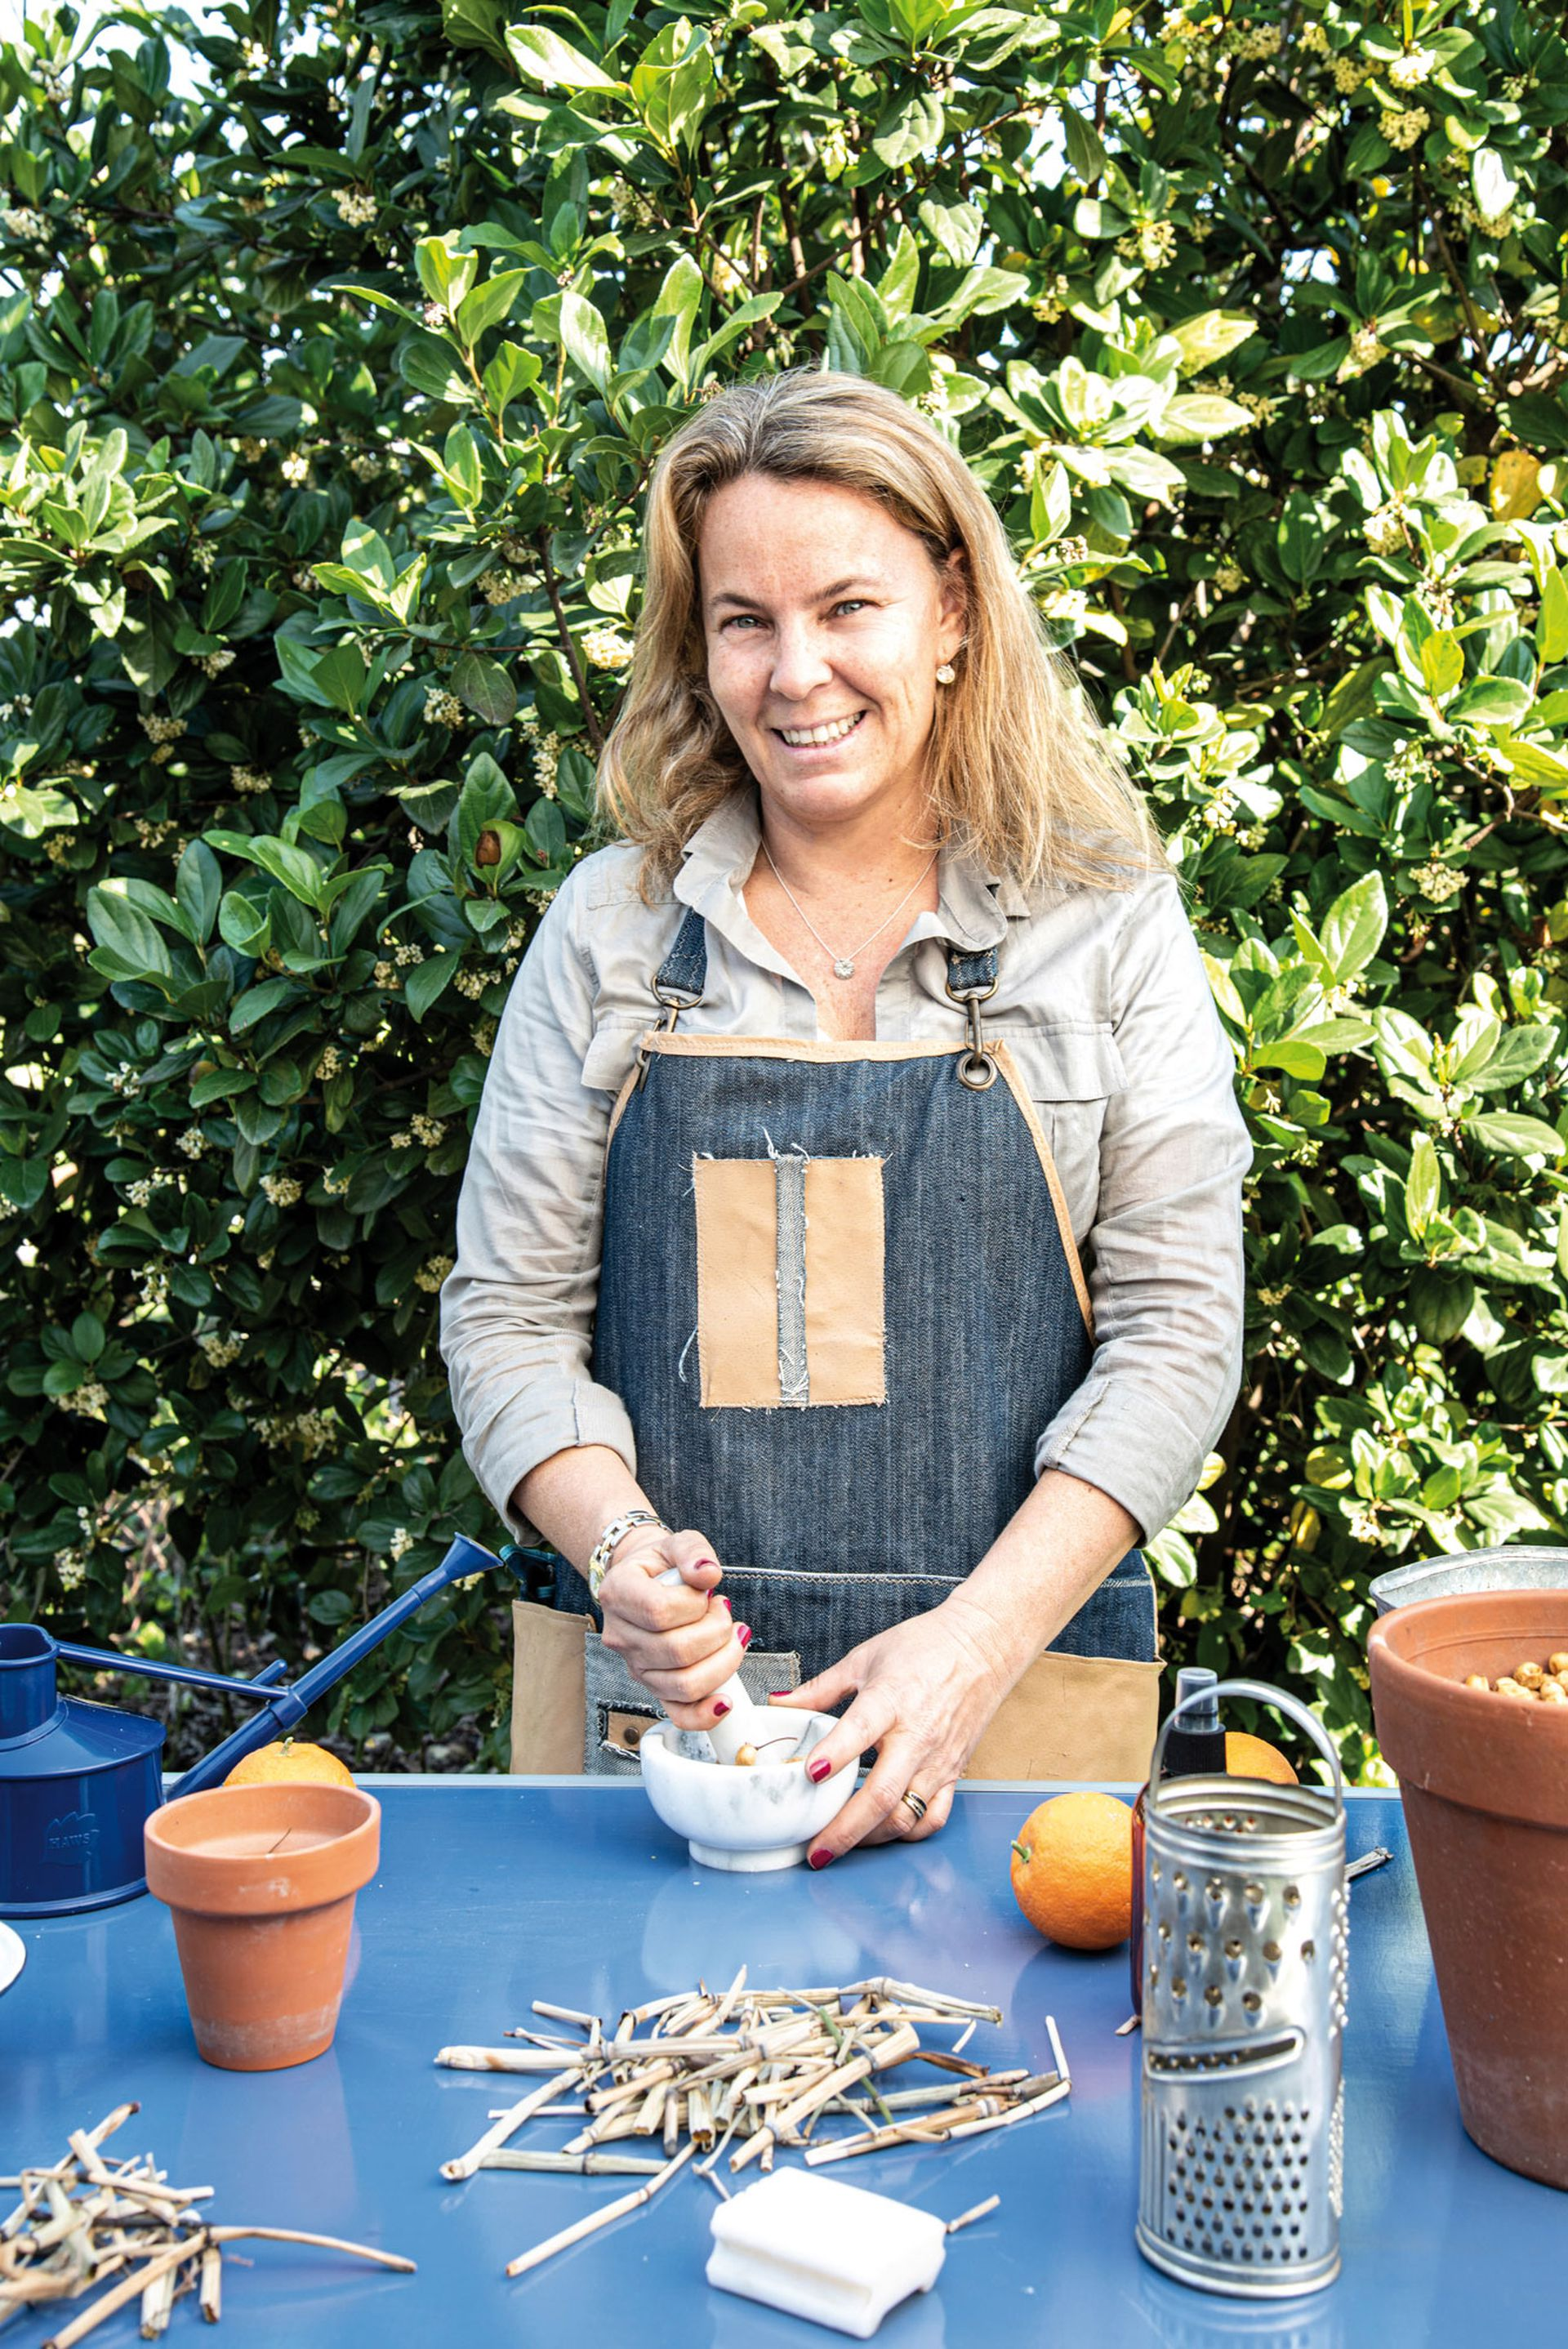 Sofía Diharce, técnica en jardinería y paisajista, es una apasionada del cuidado orgánico del jardín.